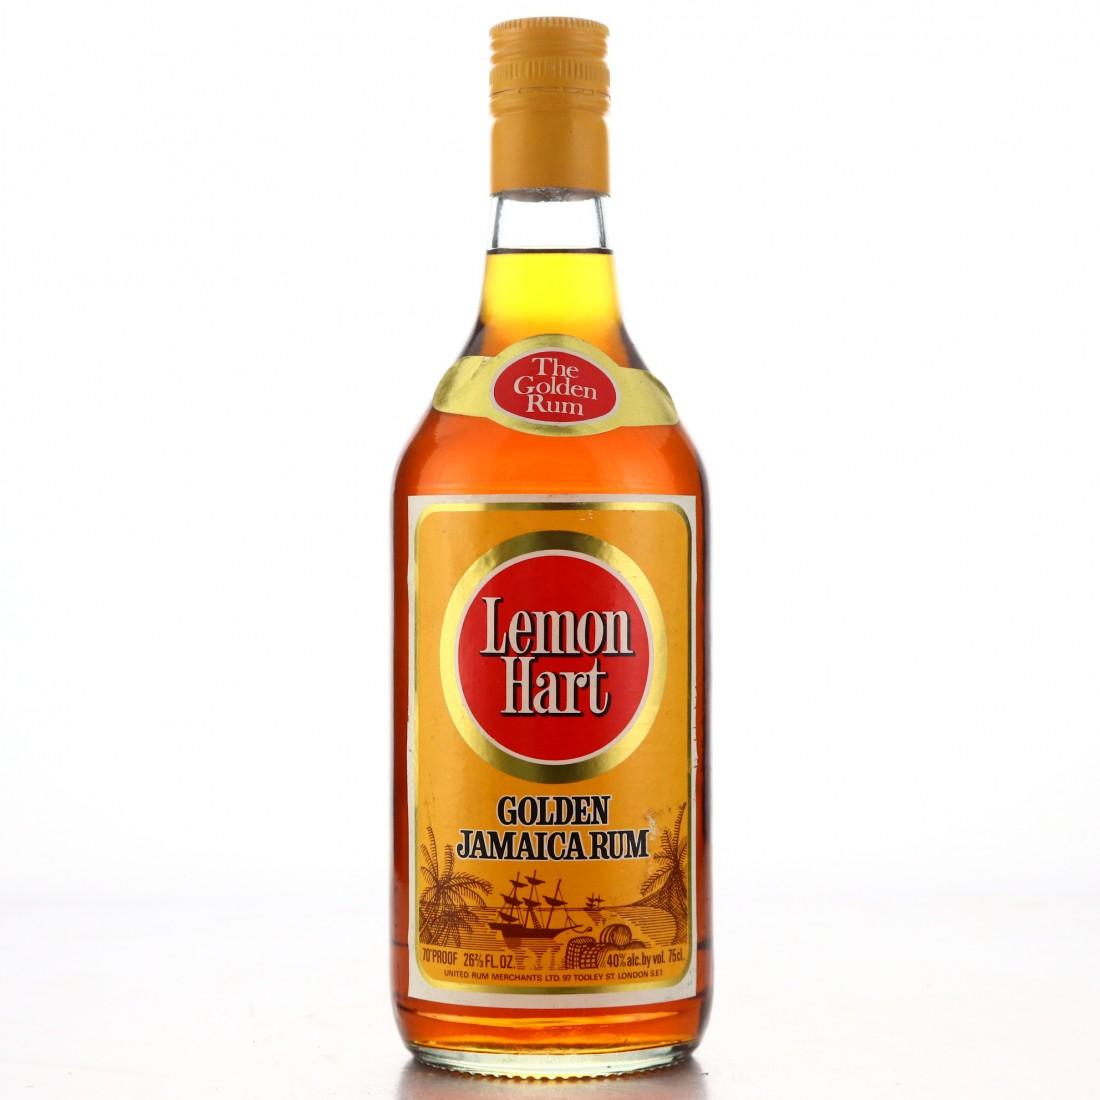 Lemon Hart Golden Jamaica Rum 1970s